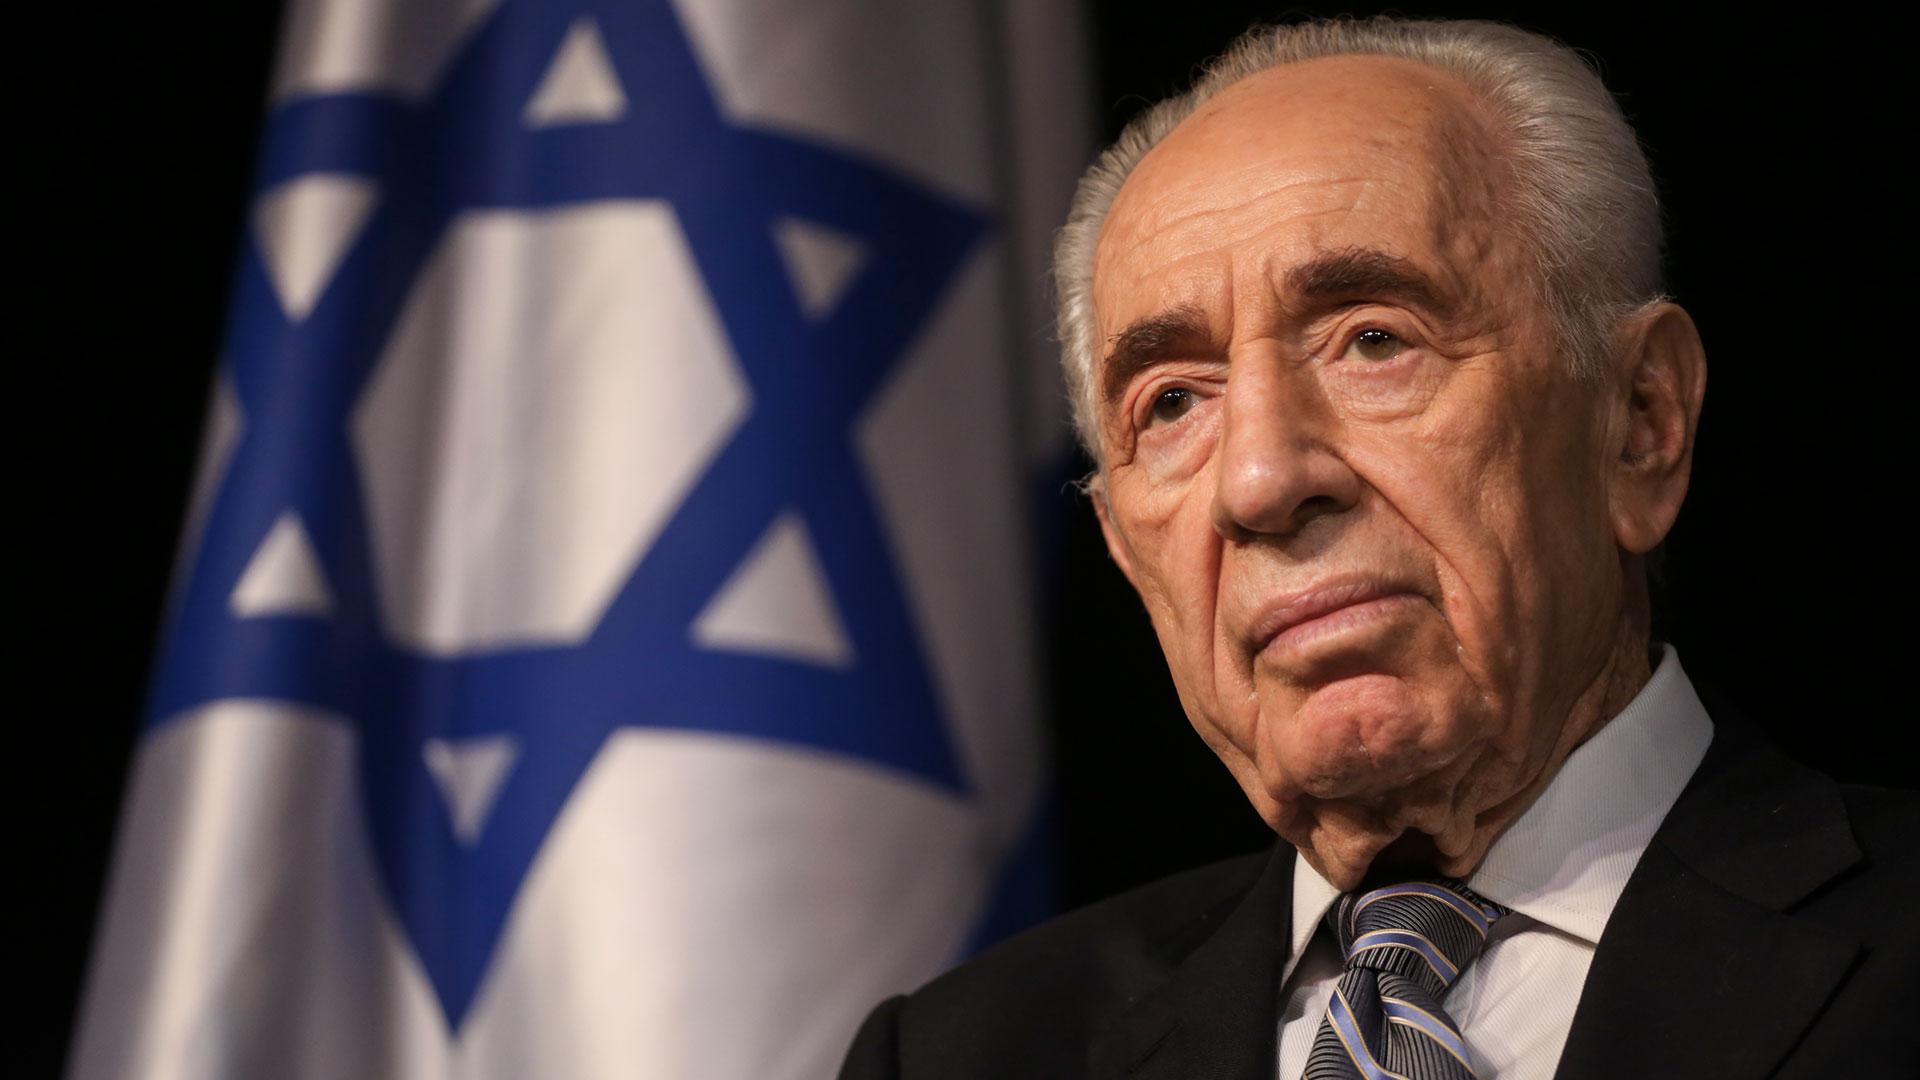 L'ancien Président Simon Shimon Peres n'est plus